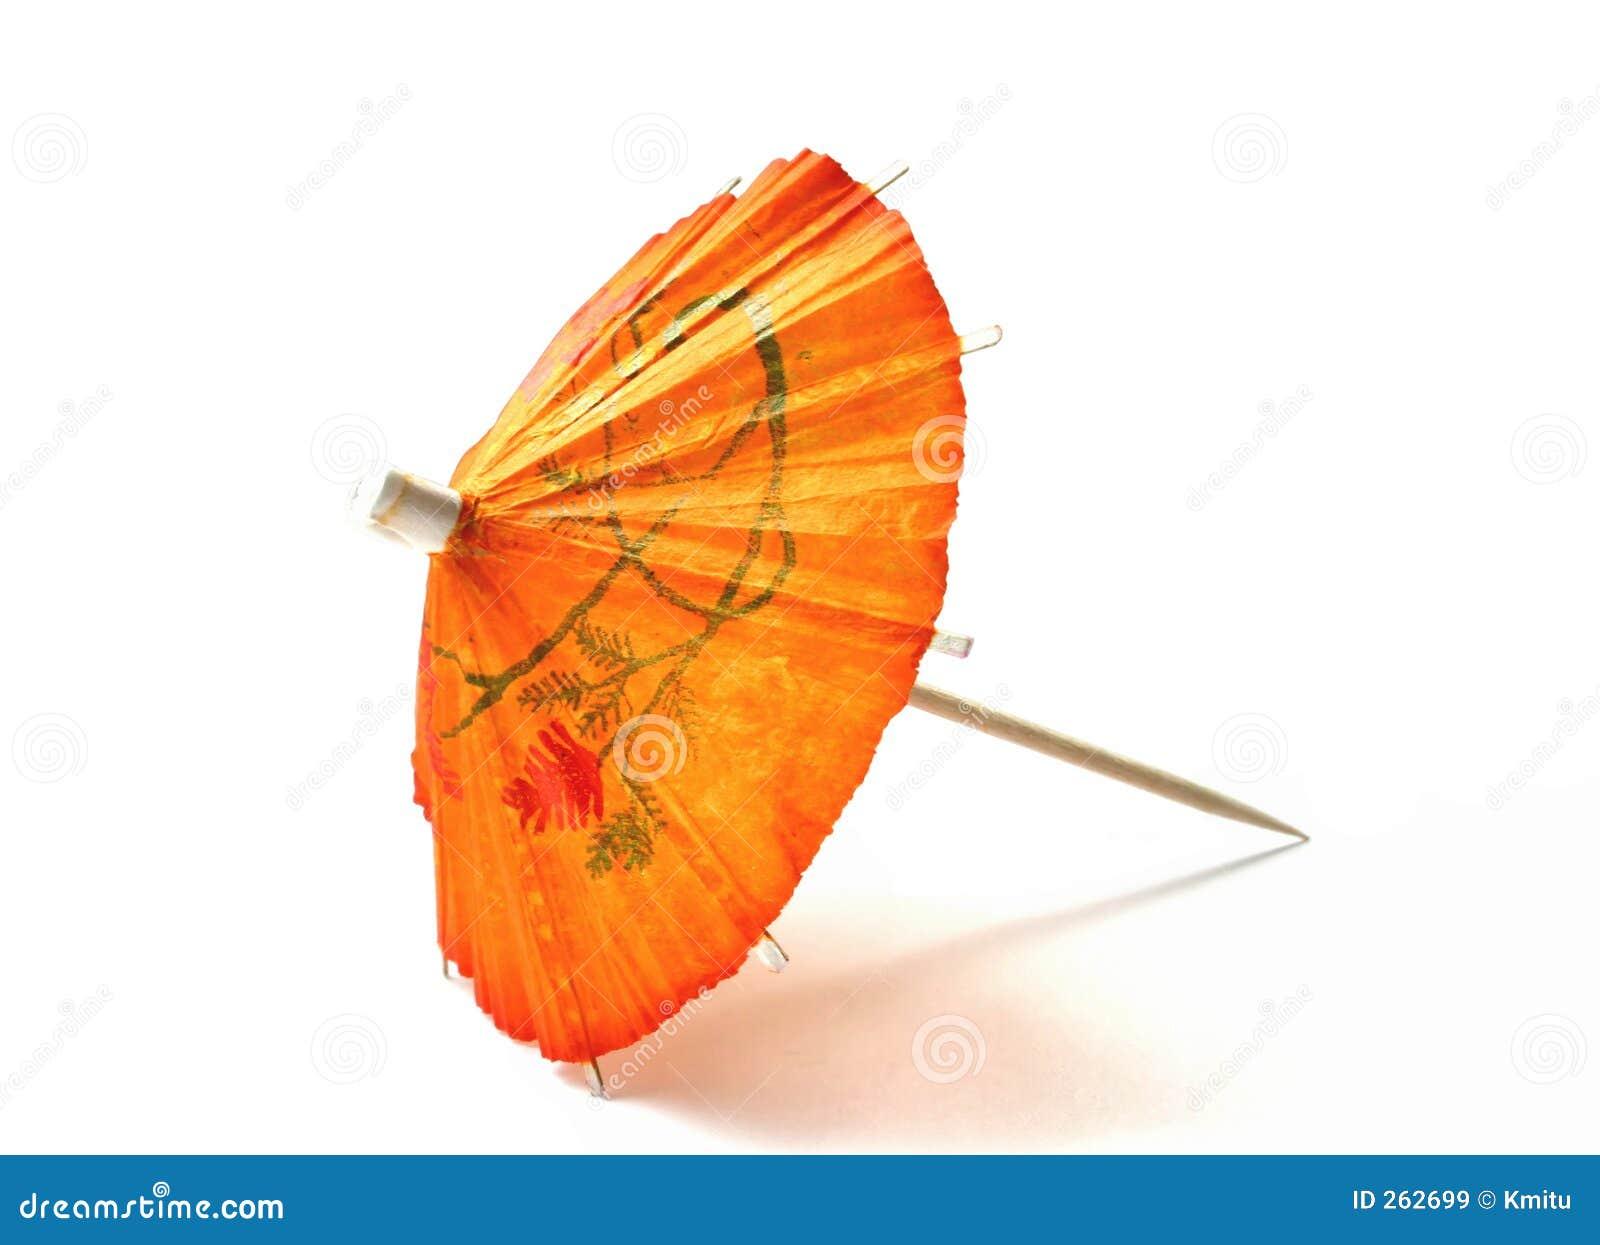 Koktajl pomarańczowy parasolkę